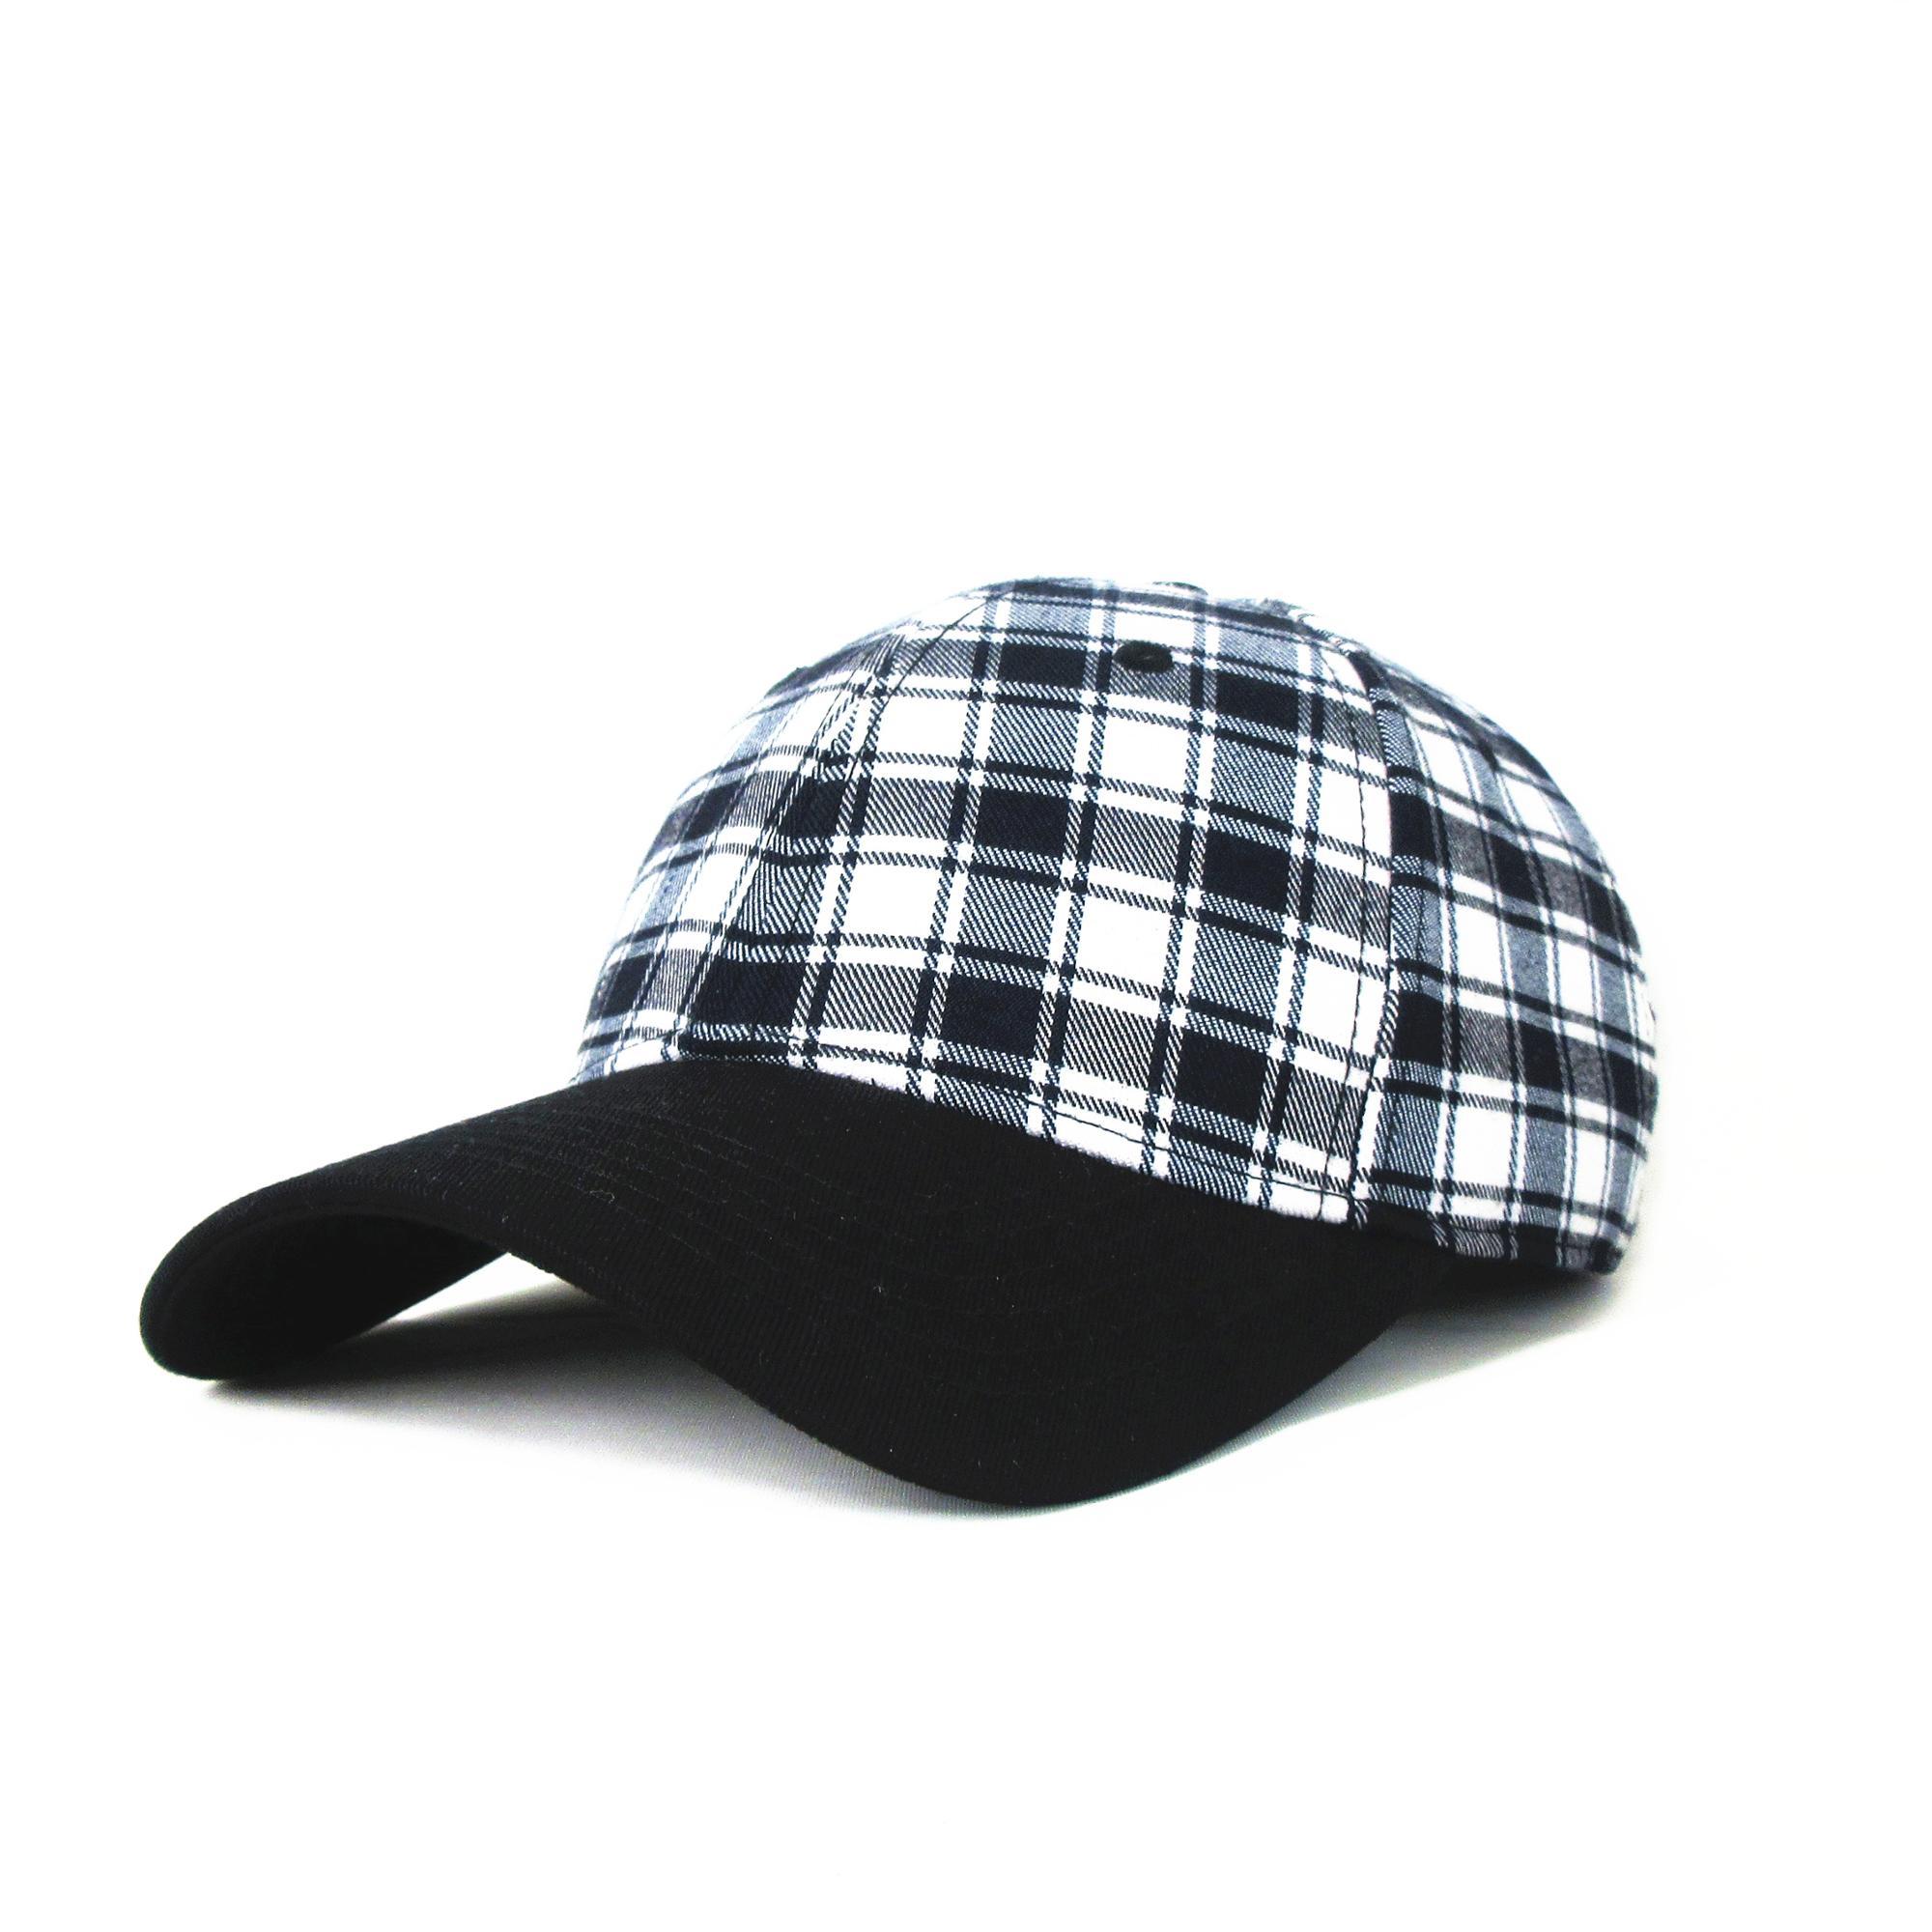 Ketika berada di luar rumah topi ini bisa melindungi kepala anda dari sinar  matahari. Sehingga dengan menggunakan topi ini anda akan tetap terasa  nyaman ... 9499c87453